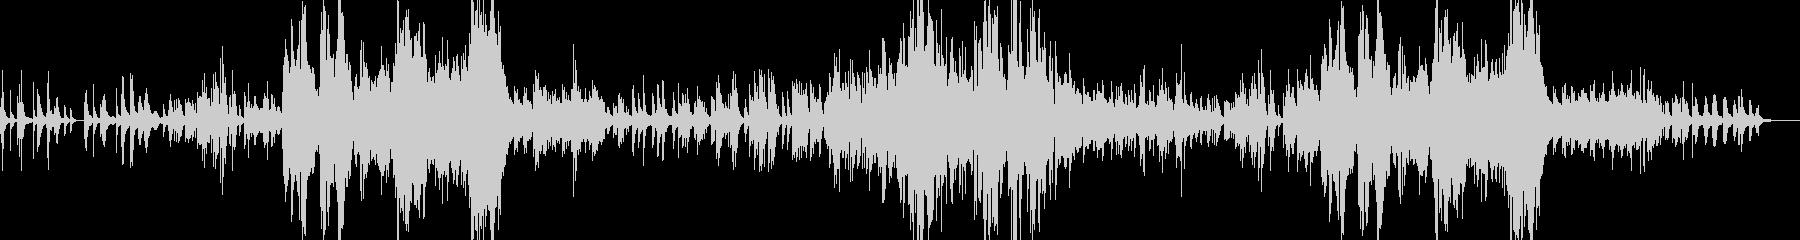 透明感のある音色が印象的なピアノ曲の未再生の波形